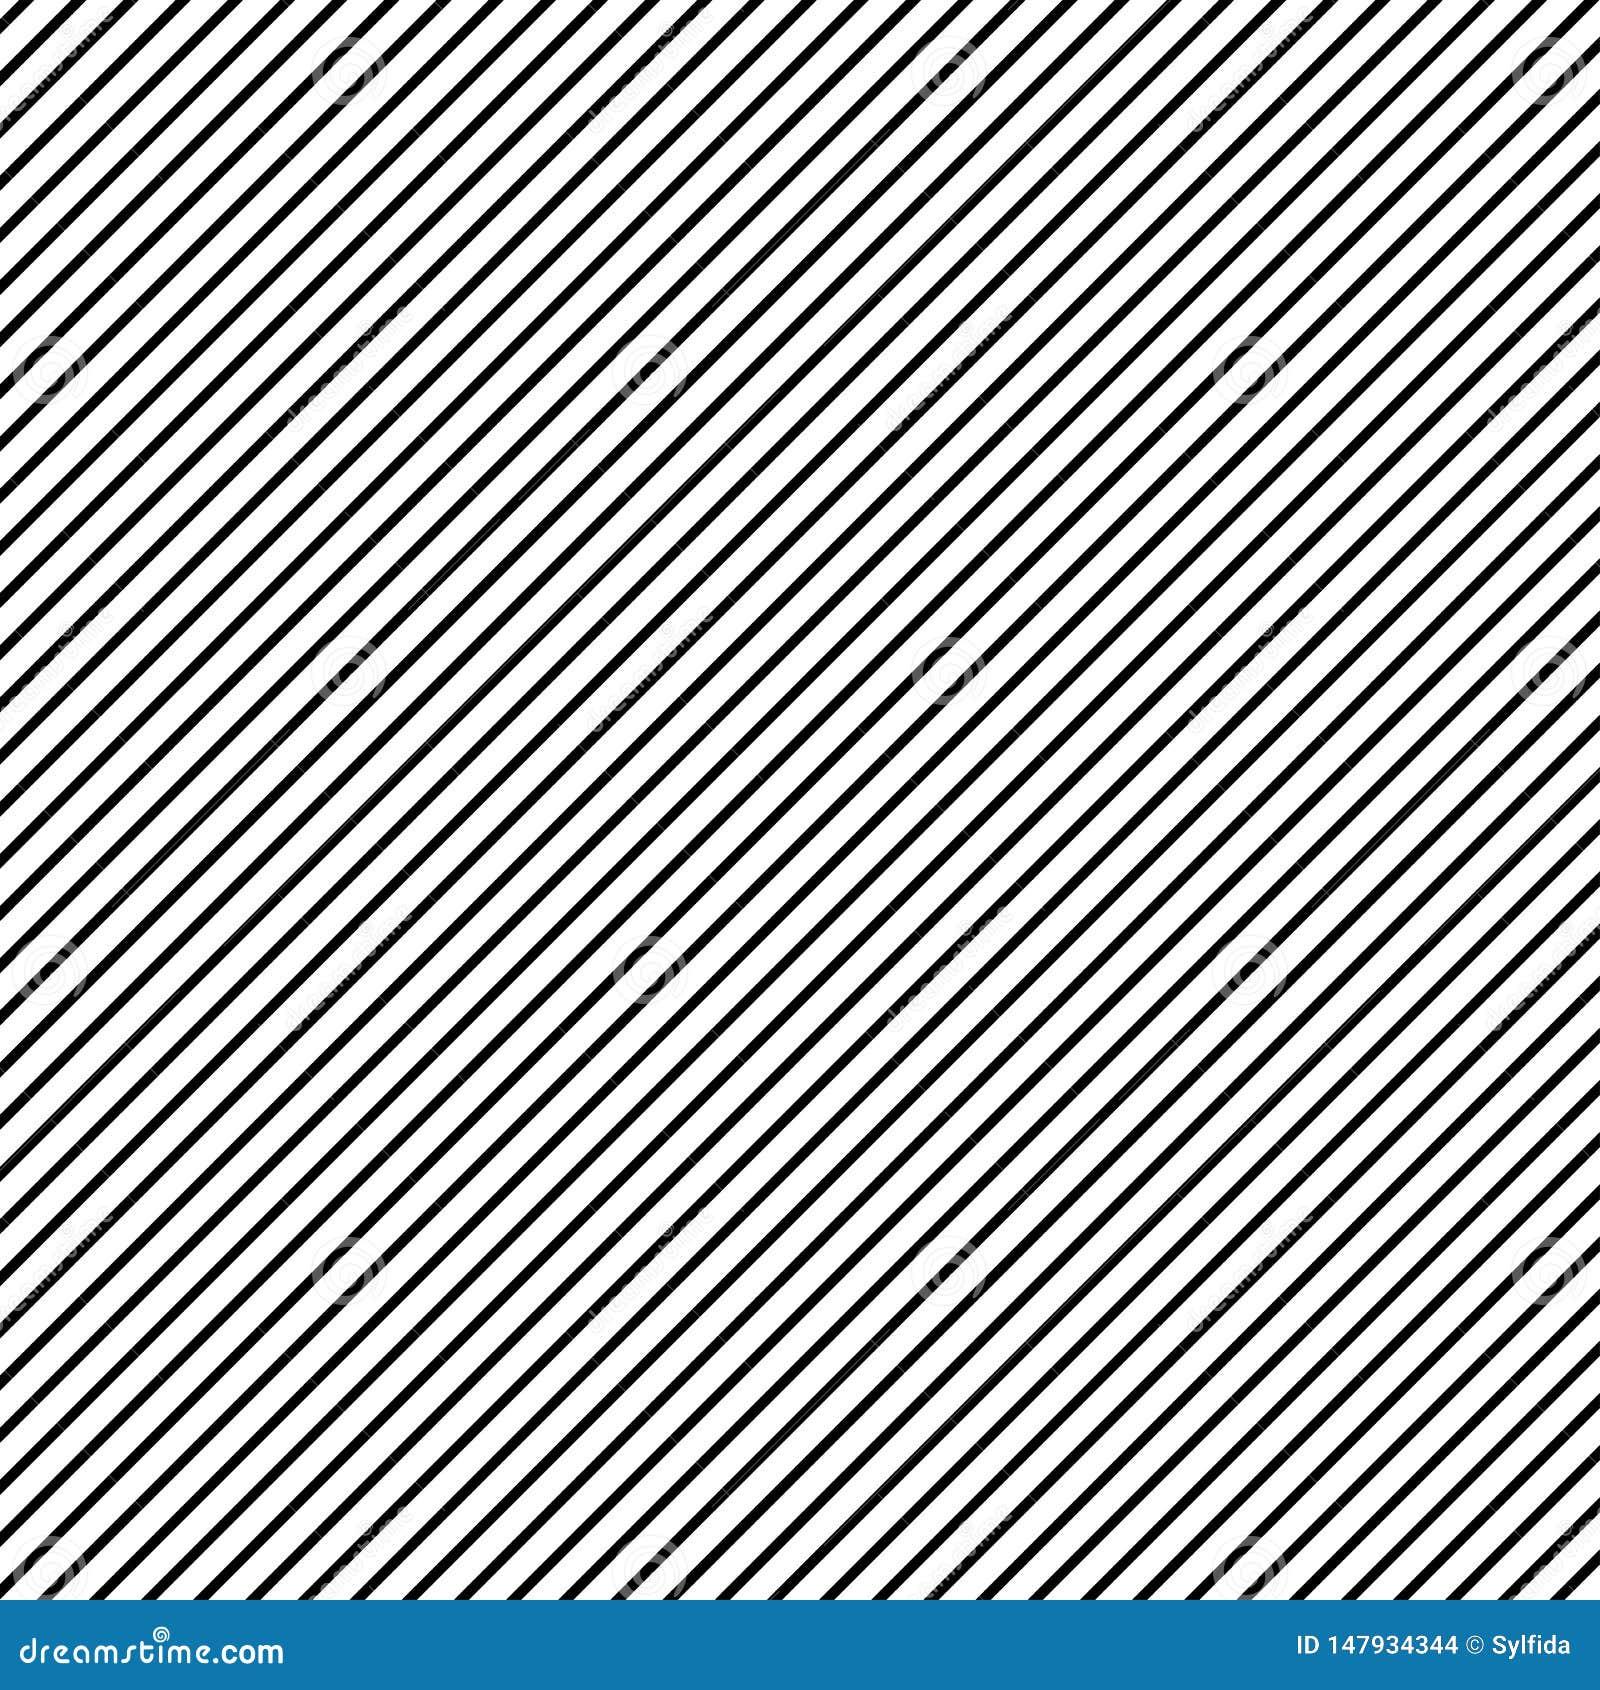 Fondo rayado geométrico con las líneas continuas negras Vector